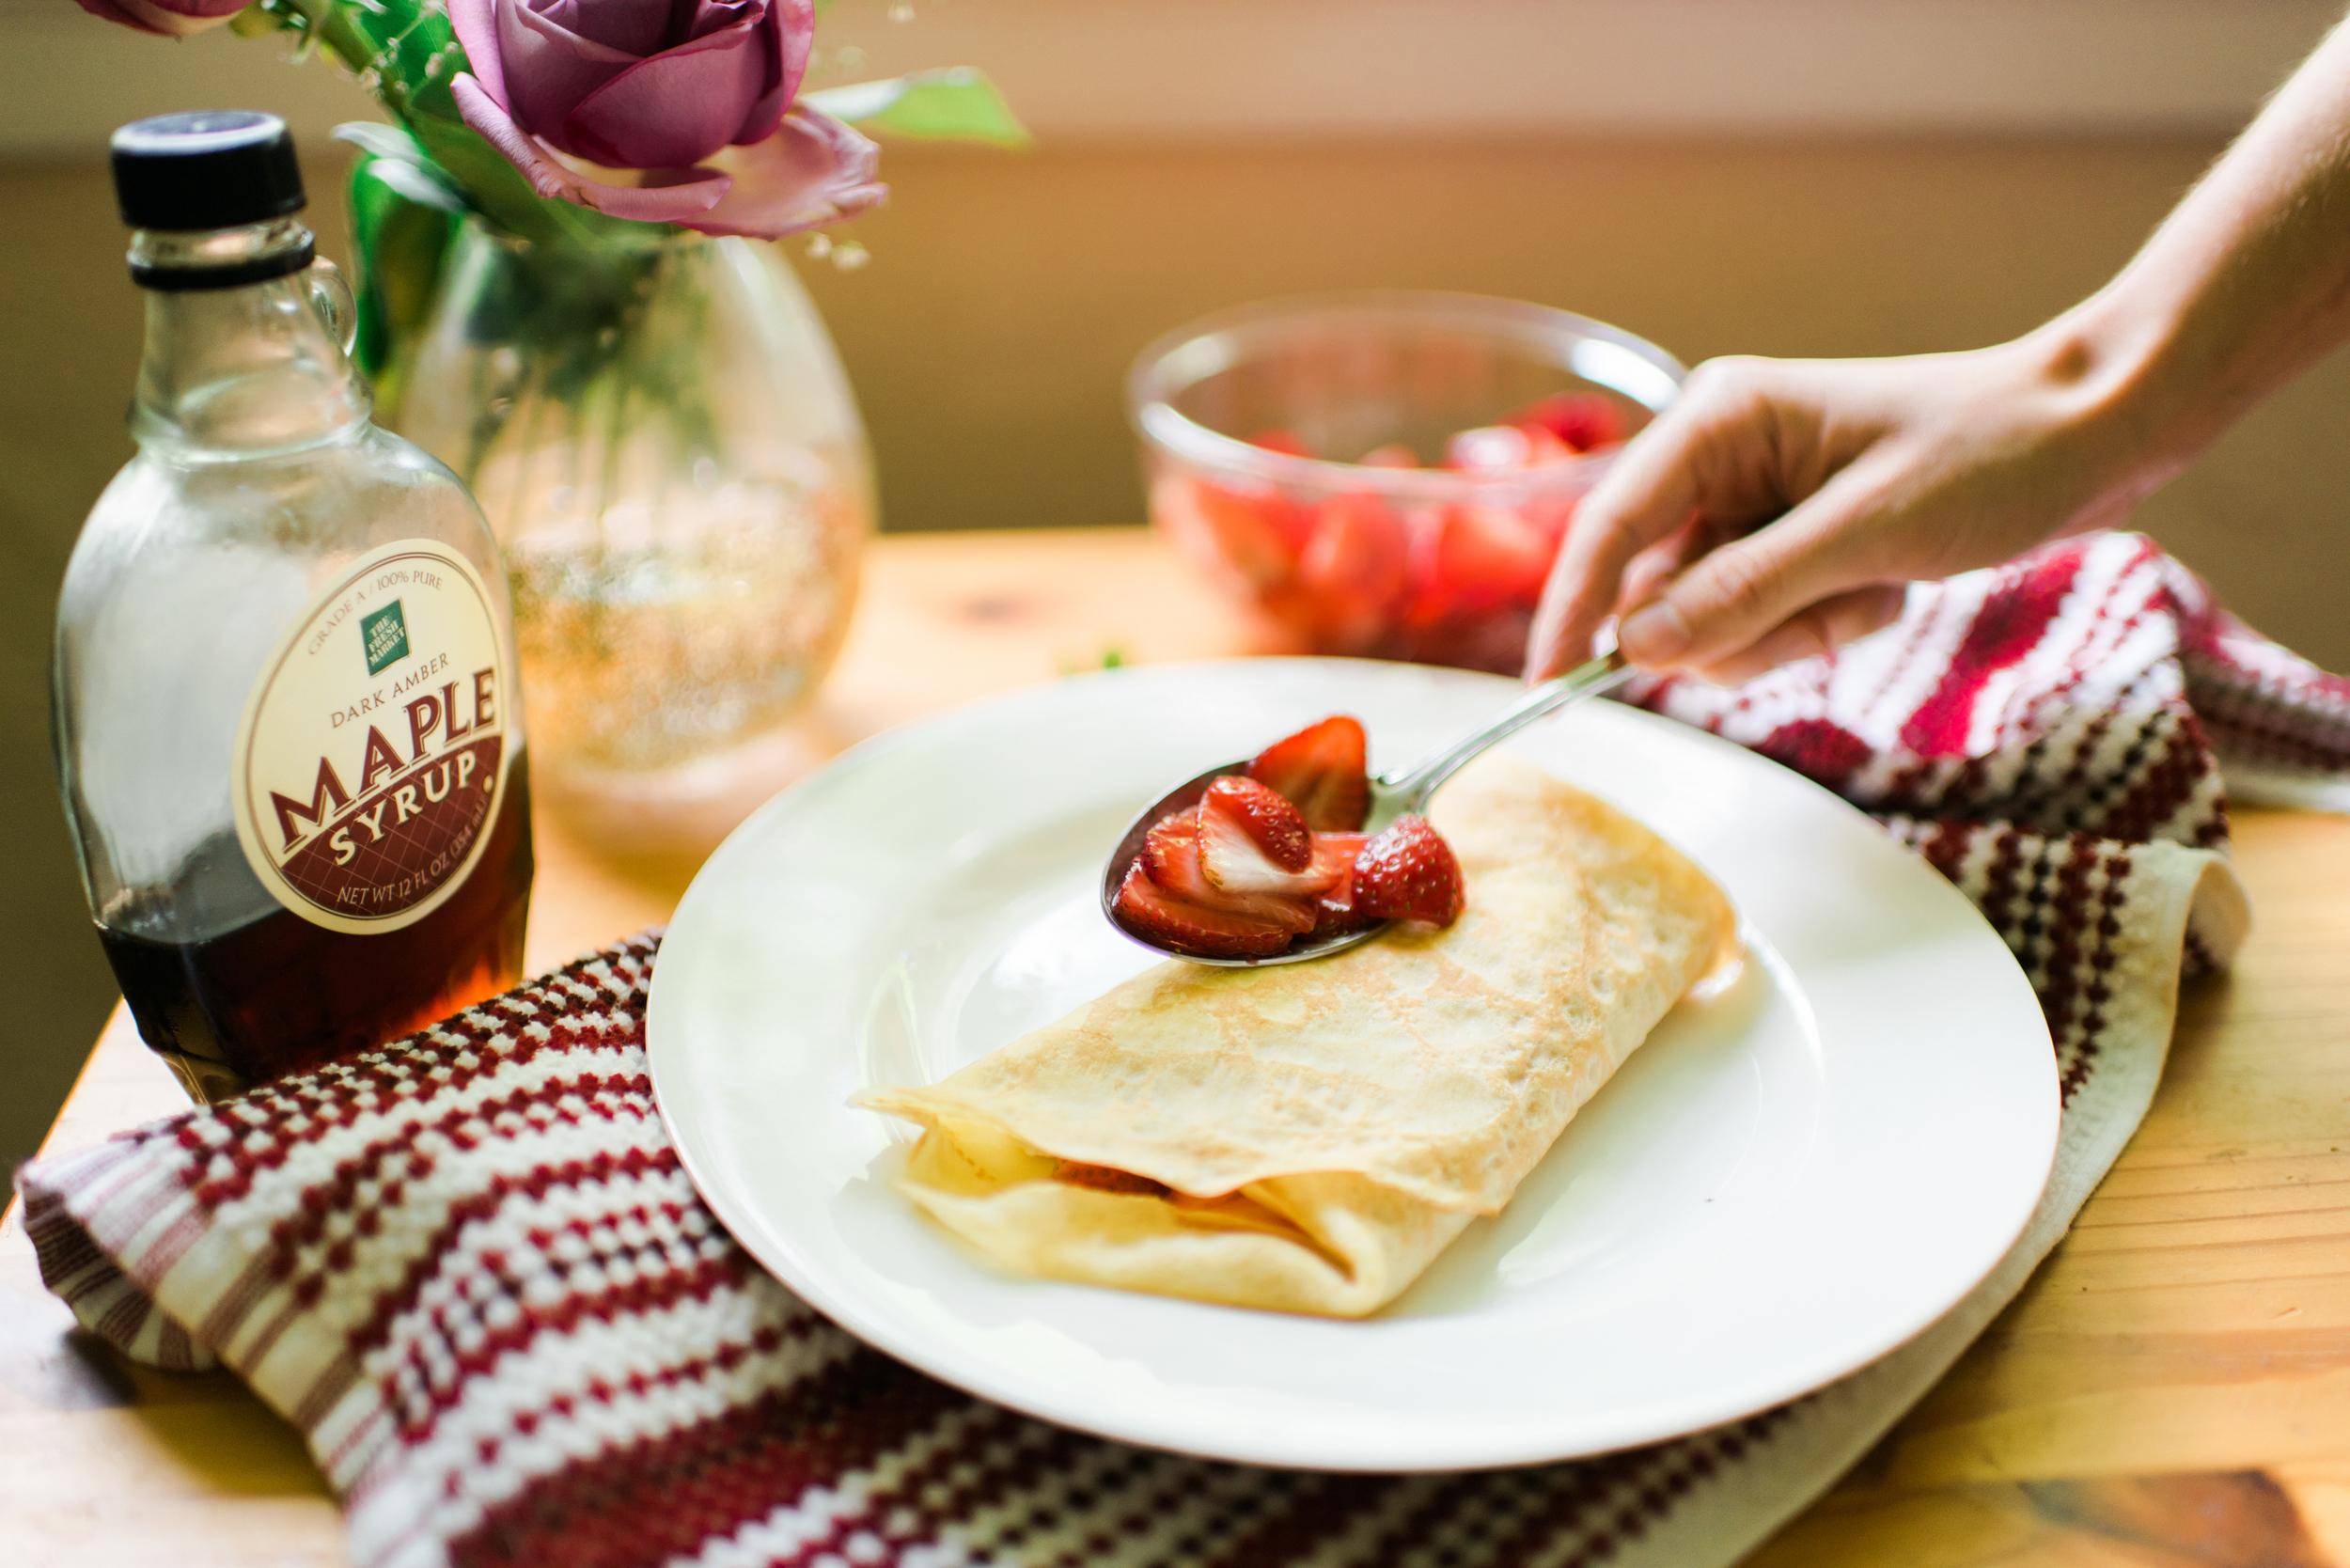 the-best-homemade-crepe-recipe-the-spice-girl-blog (32 of 36).jpg